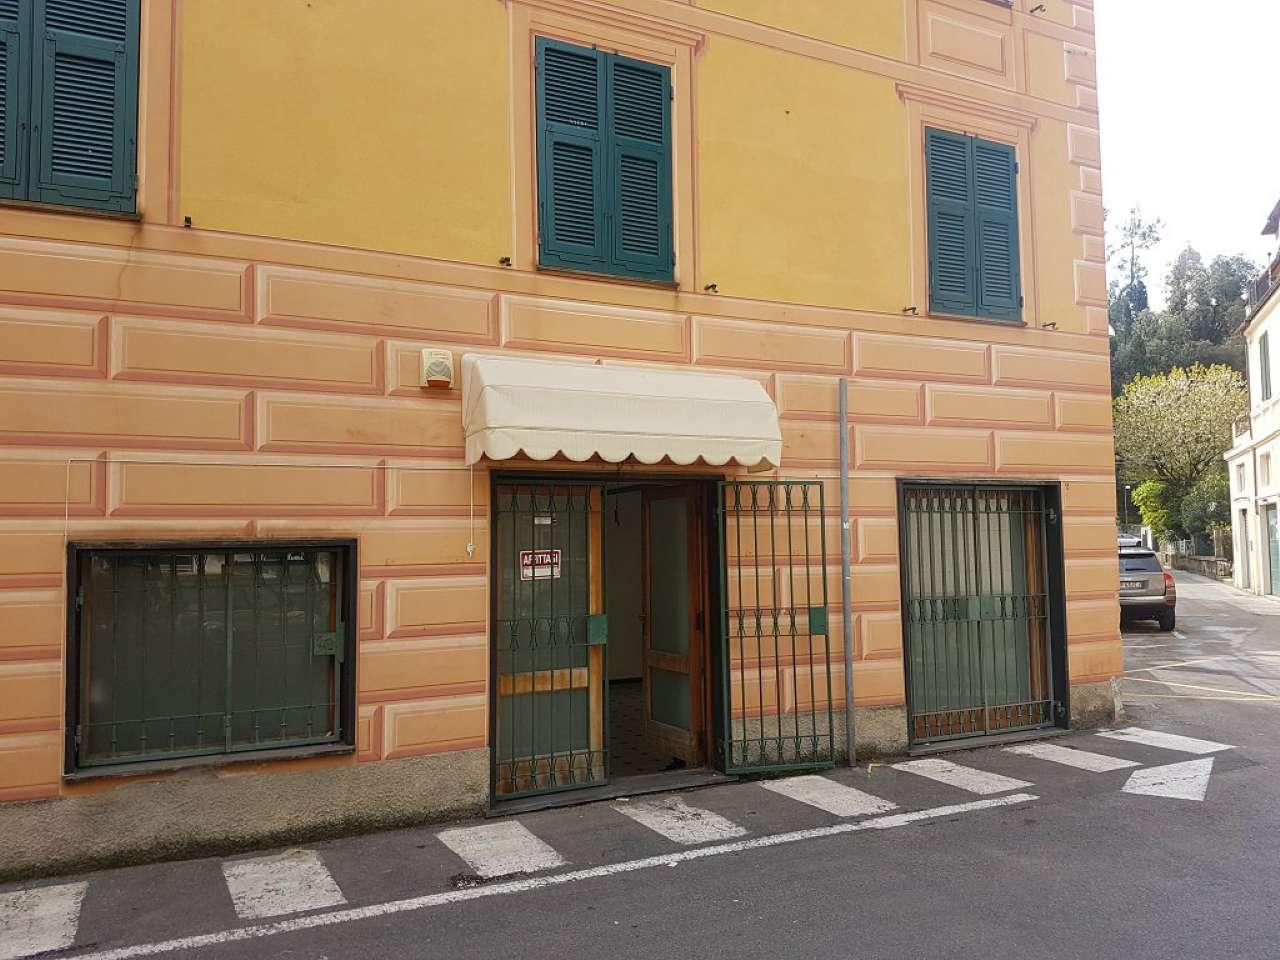 Negozio / Locale in affitto a Santa Margherita Ligure, 2 locali, prezzo € 1.400 | CambioCasa.it